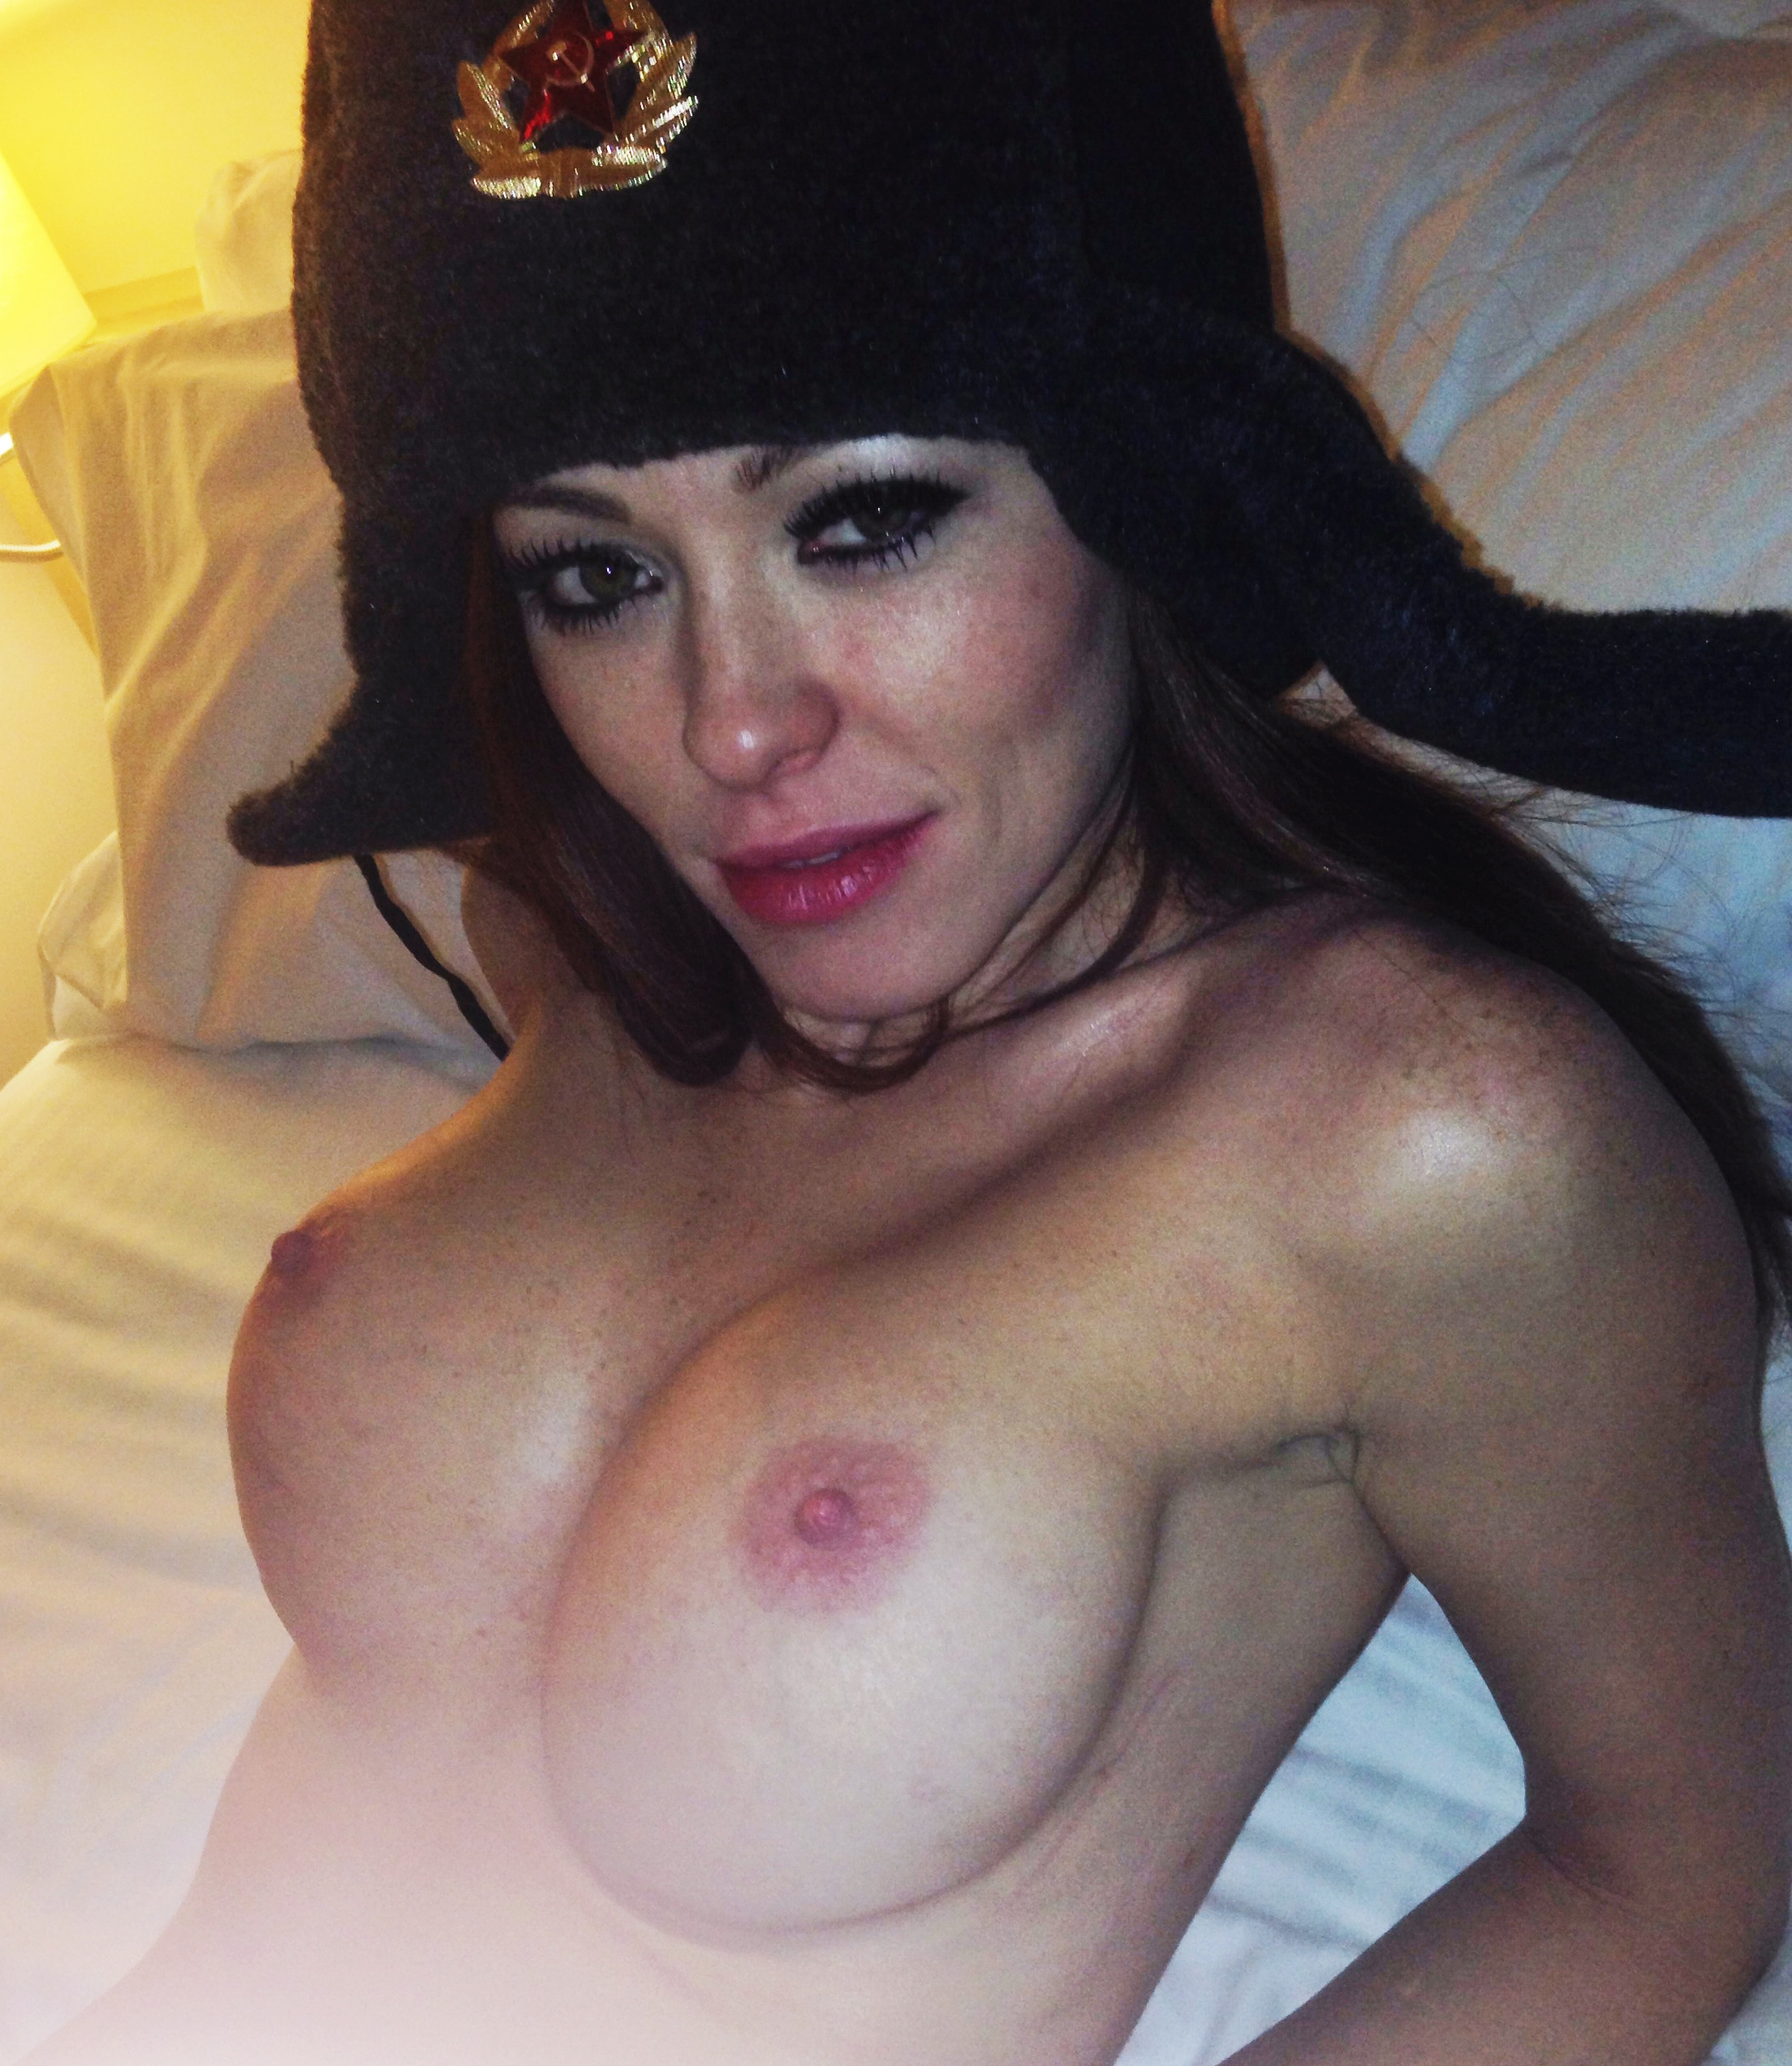 Natasha Hamilton  Jenny Frost Nude  Sexy Leaked TheFappeningBlog.com 20.jpg